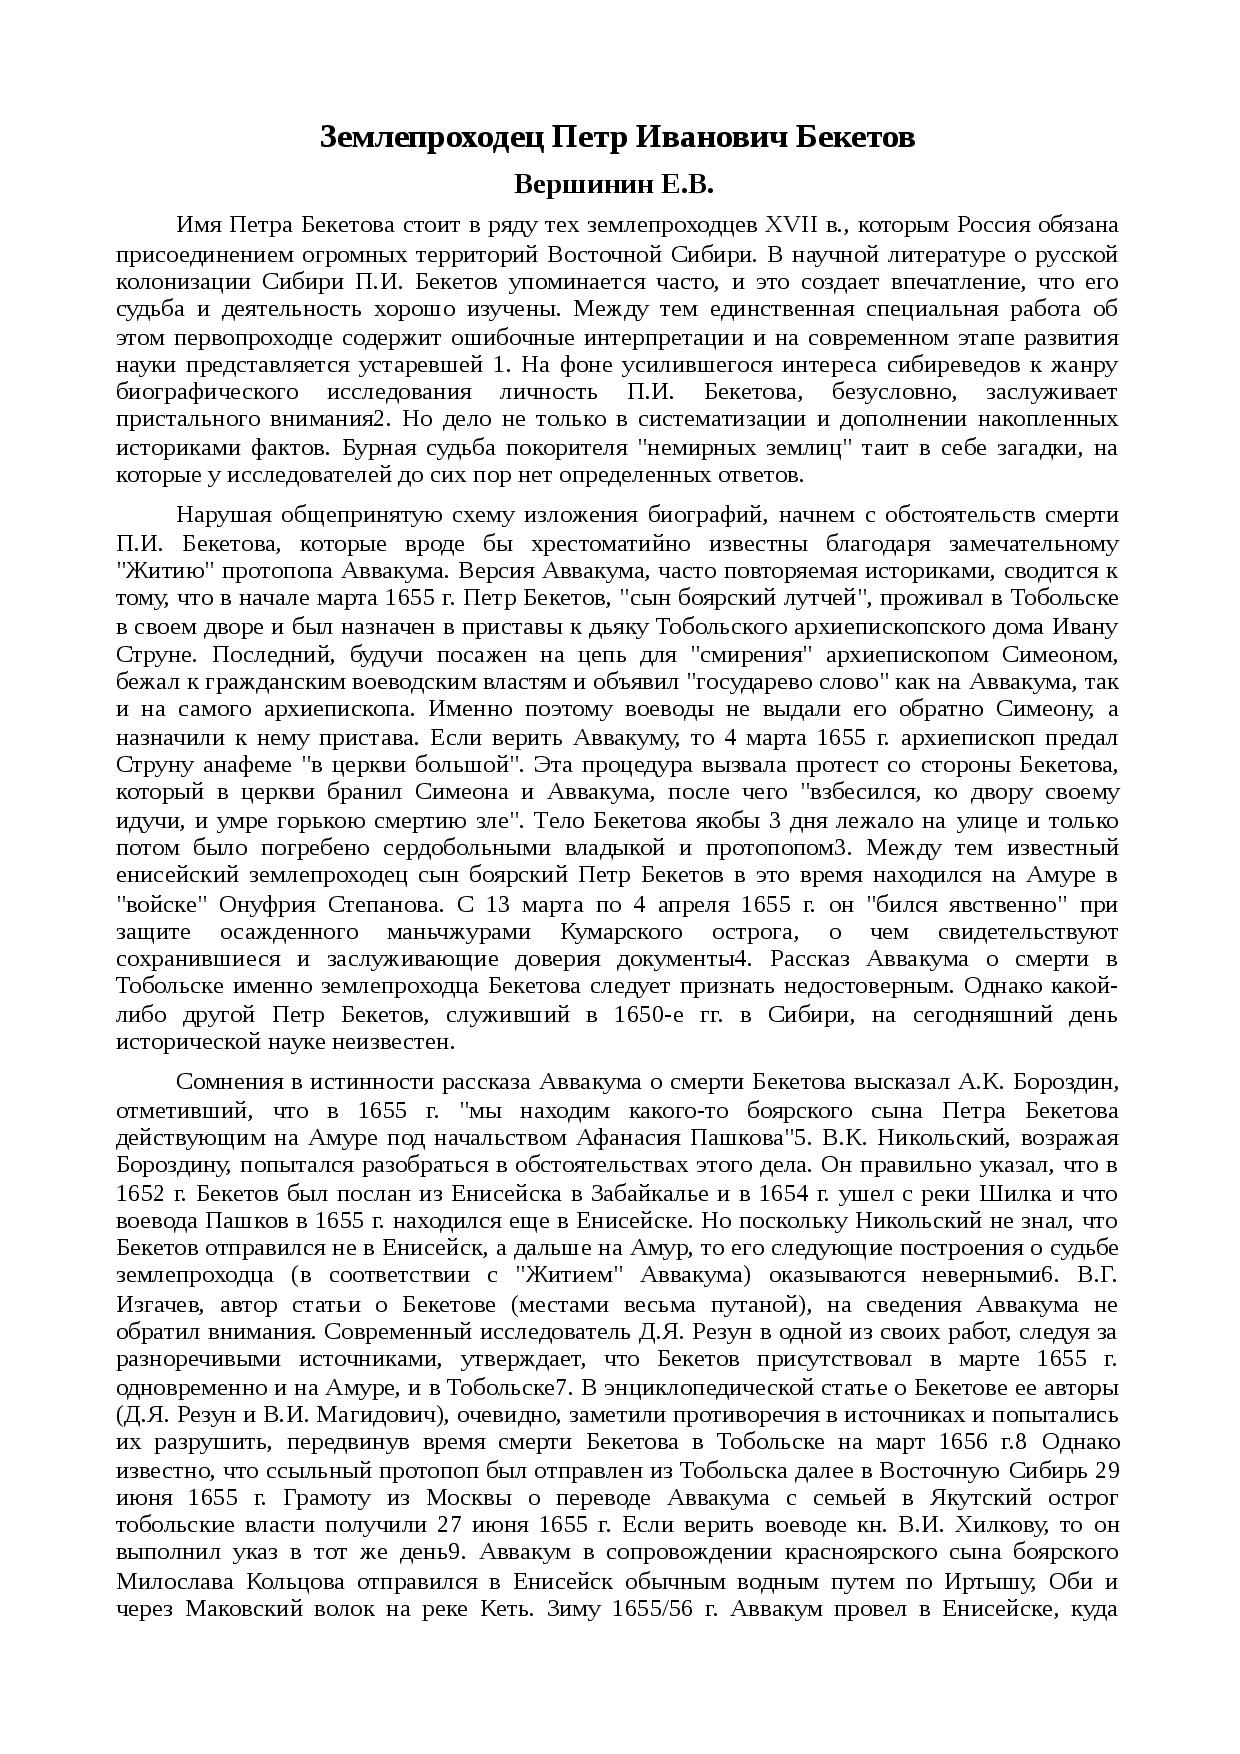 петр бекетов годы жизни